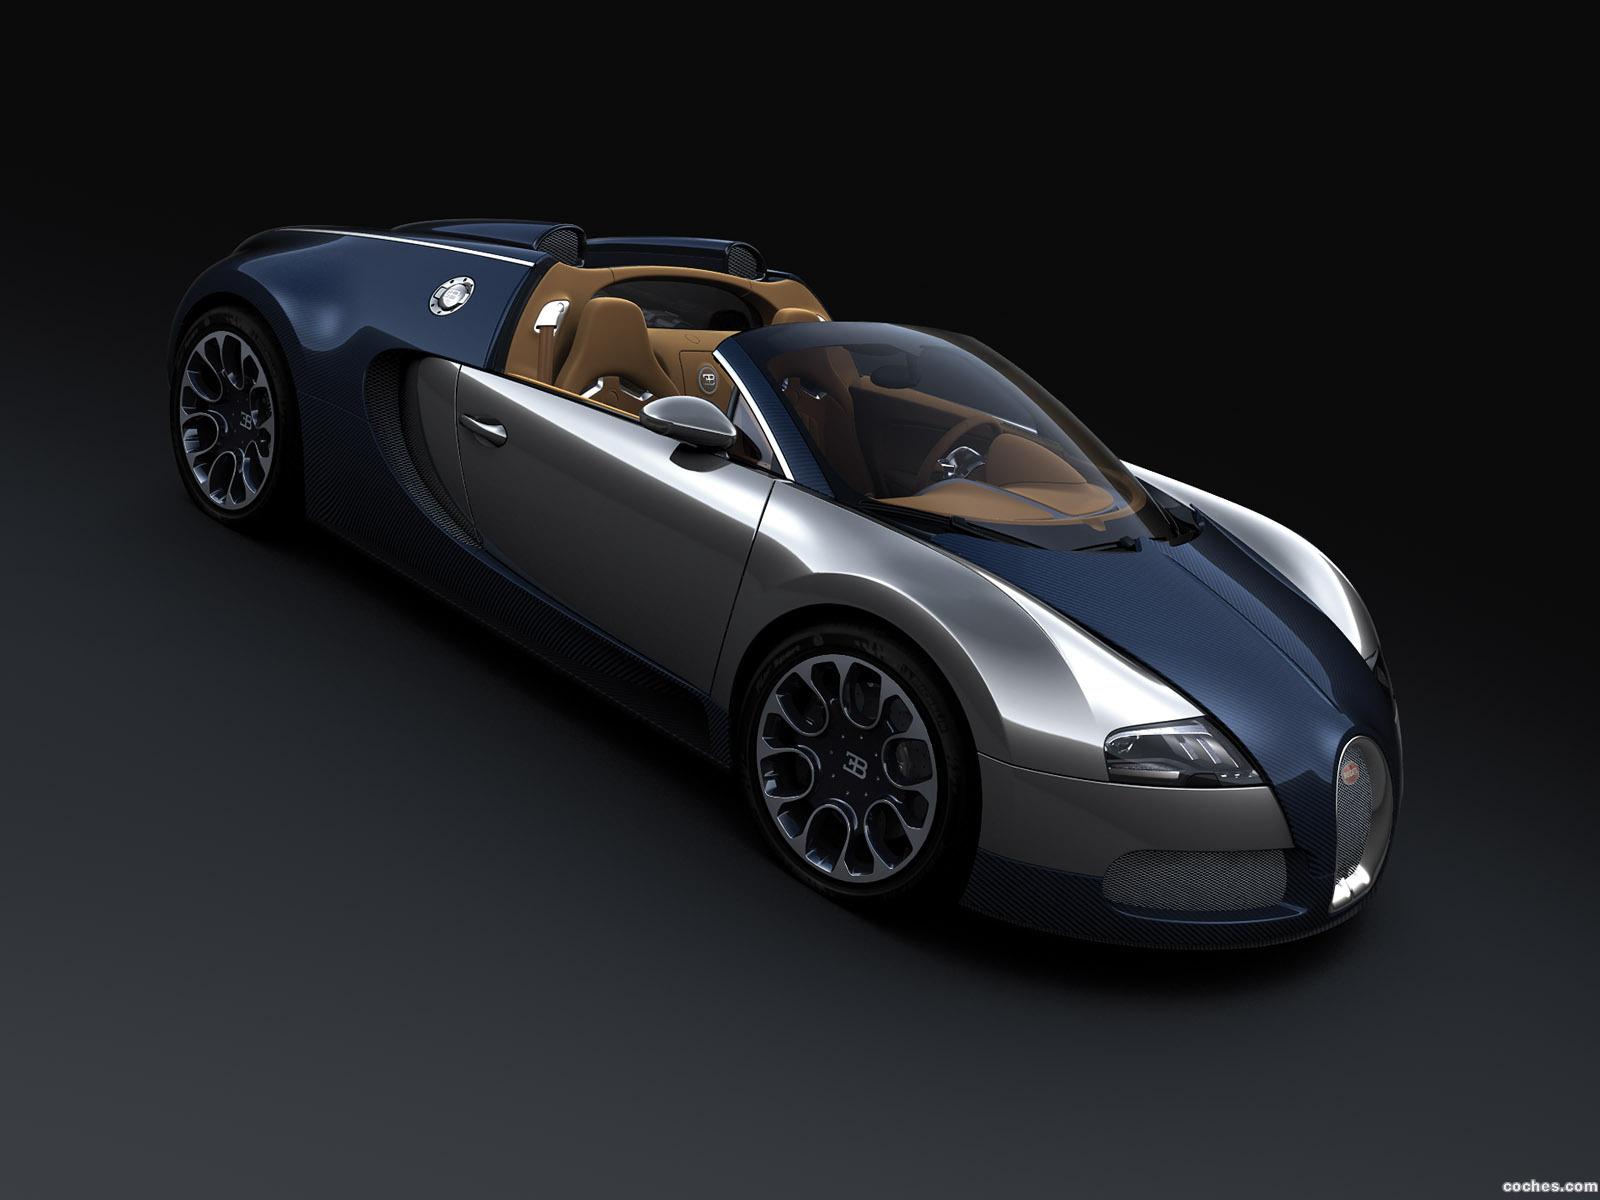 Foto 0 de Bugatti Veyron Sang Bleu Grand Sport 2009